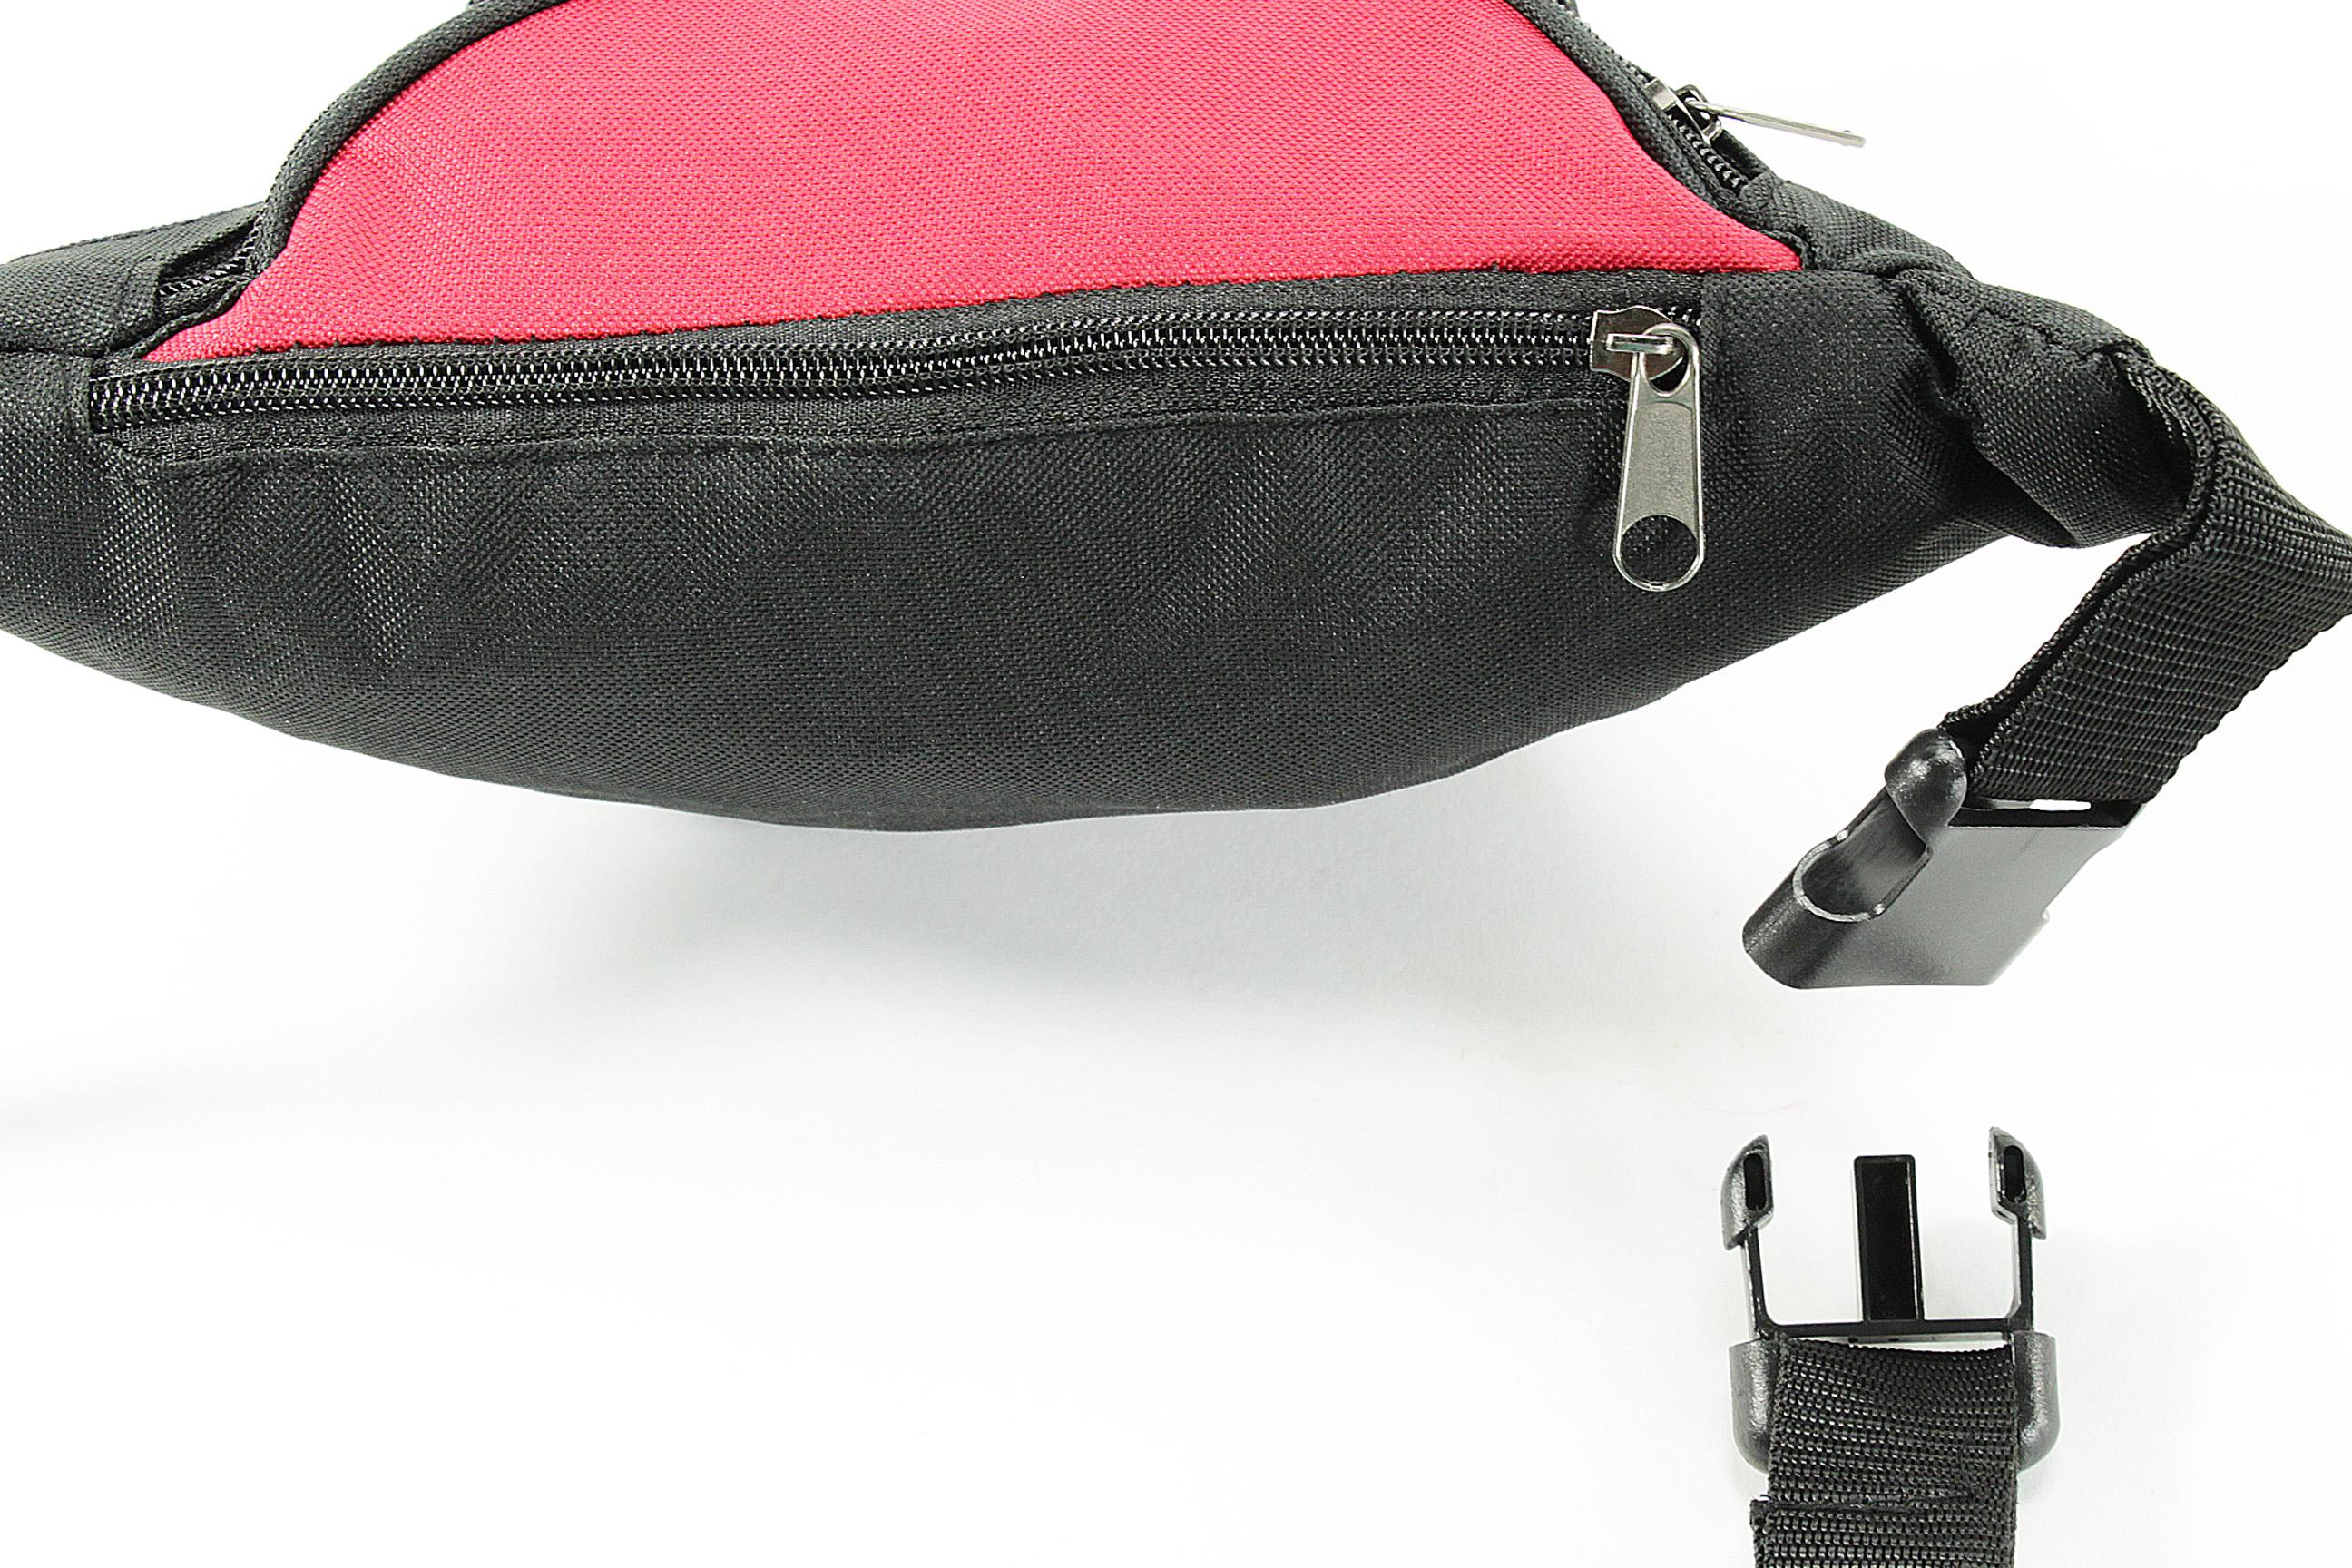 Bauchtasche NEU Reisetasche Geldbörse R Gürteltasche Polyester Wimmerl Tasche Sporttaschen & Rucksäcke